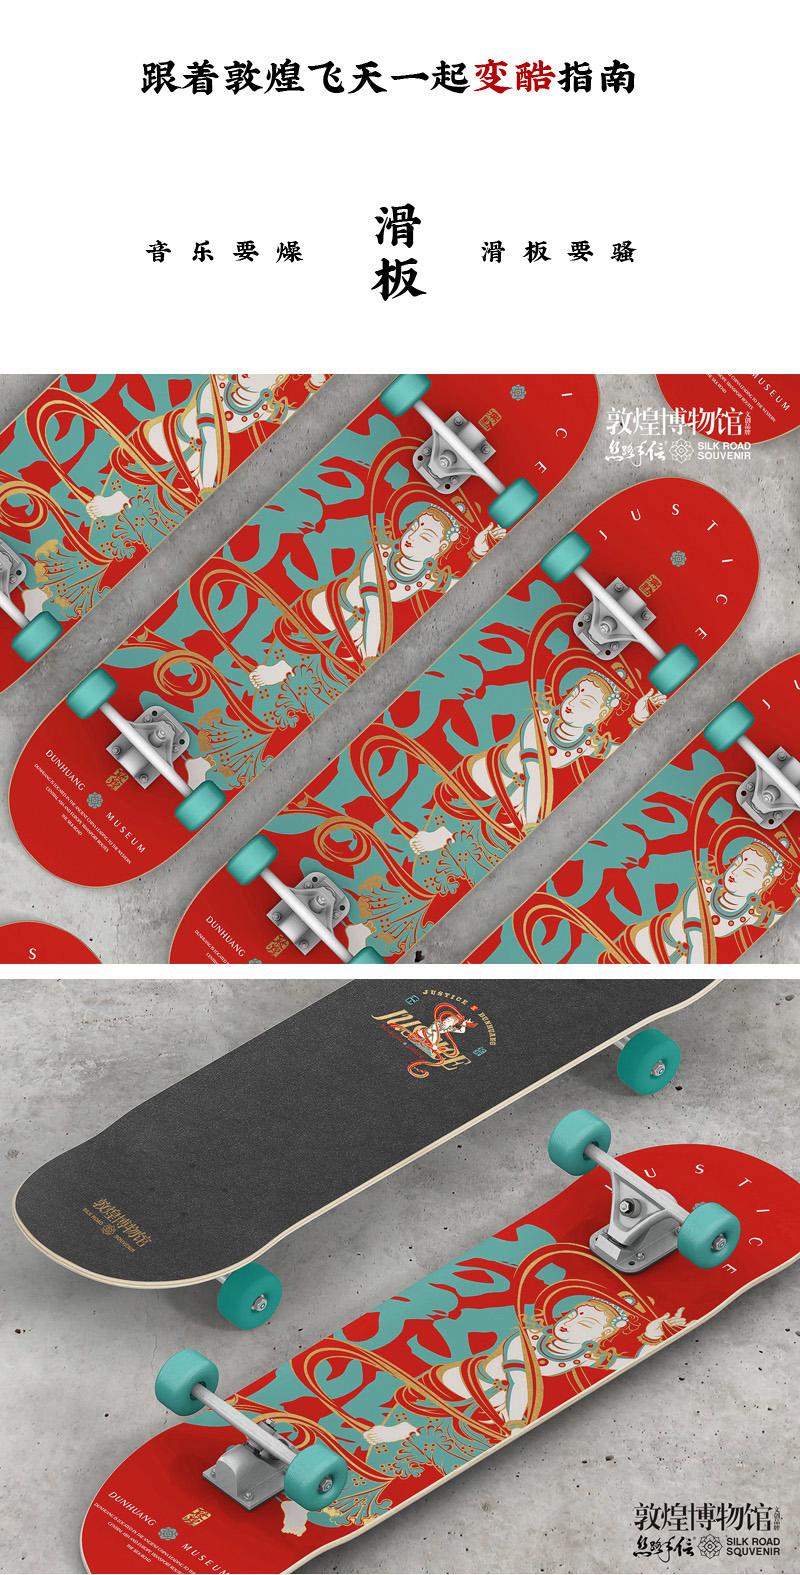 滑板 - 新01.jpg